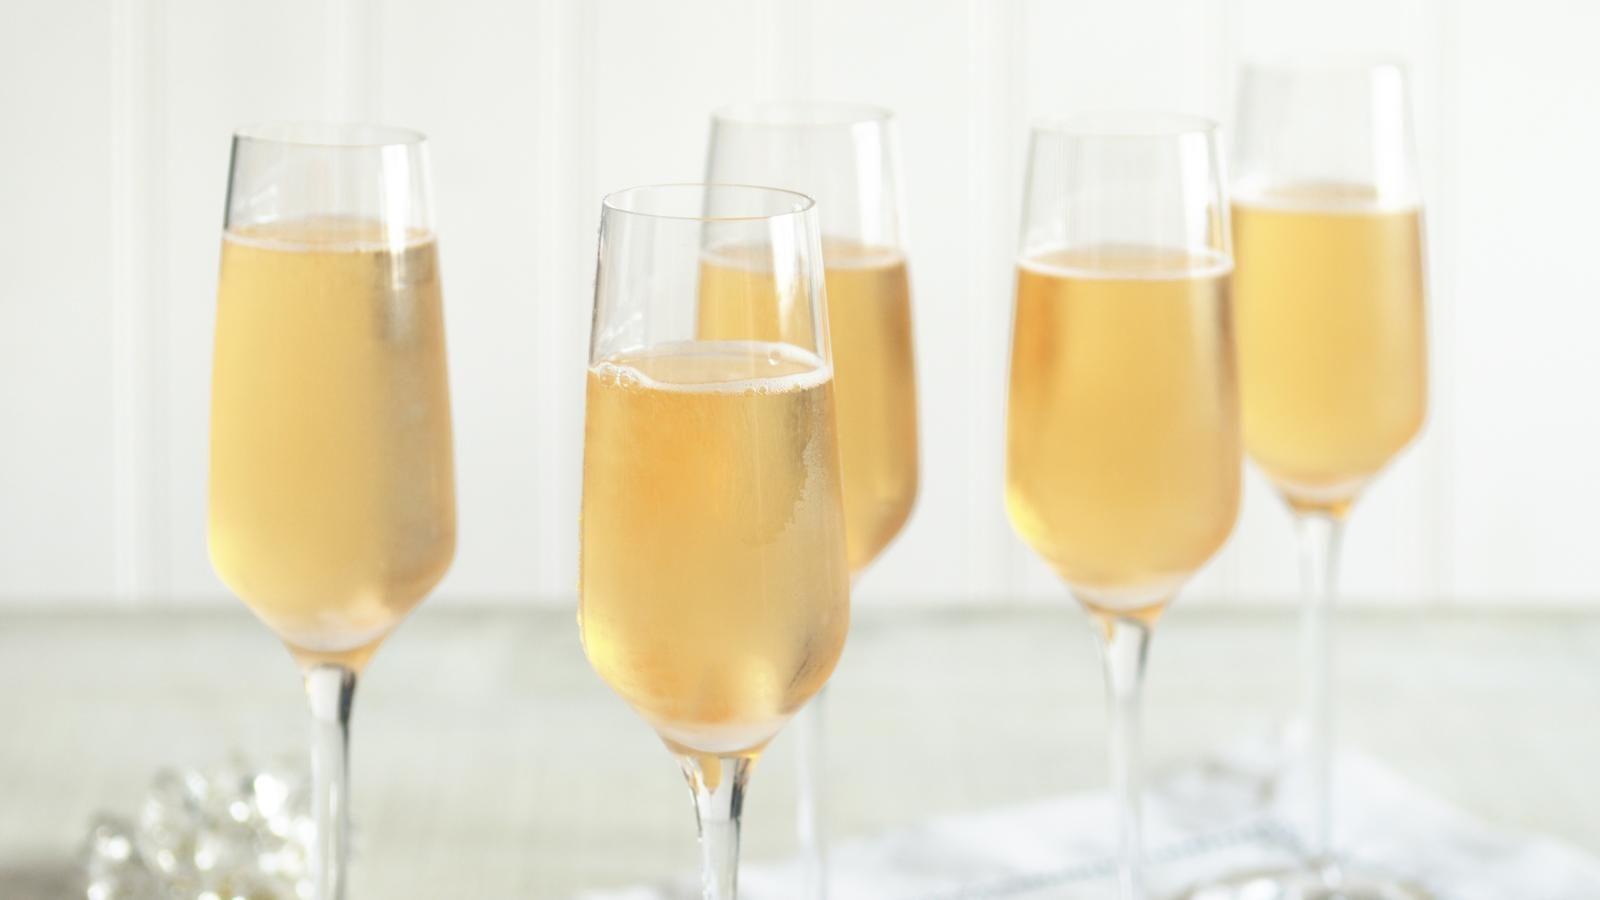 Classic Champagne Cocktail Recipe Recipe Champagne Recipes Cocktails Classic Champagne Cocktail Recipe Champagne Cocktail